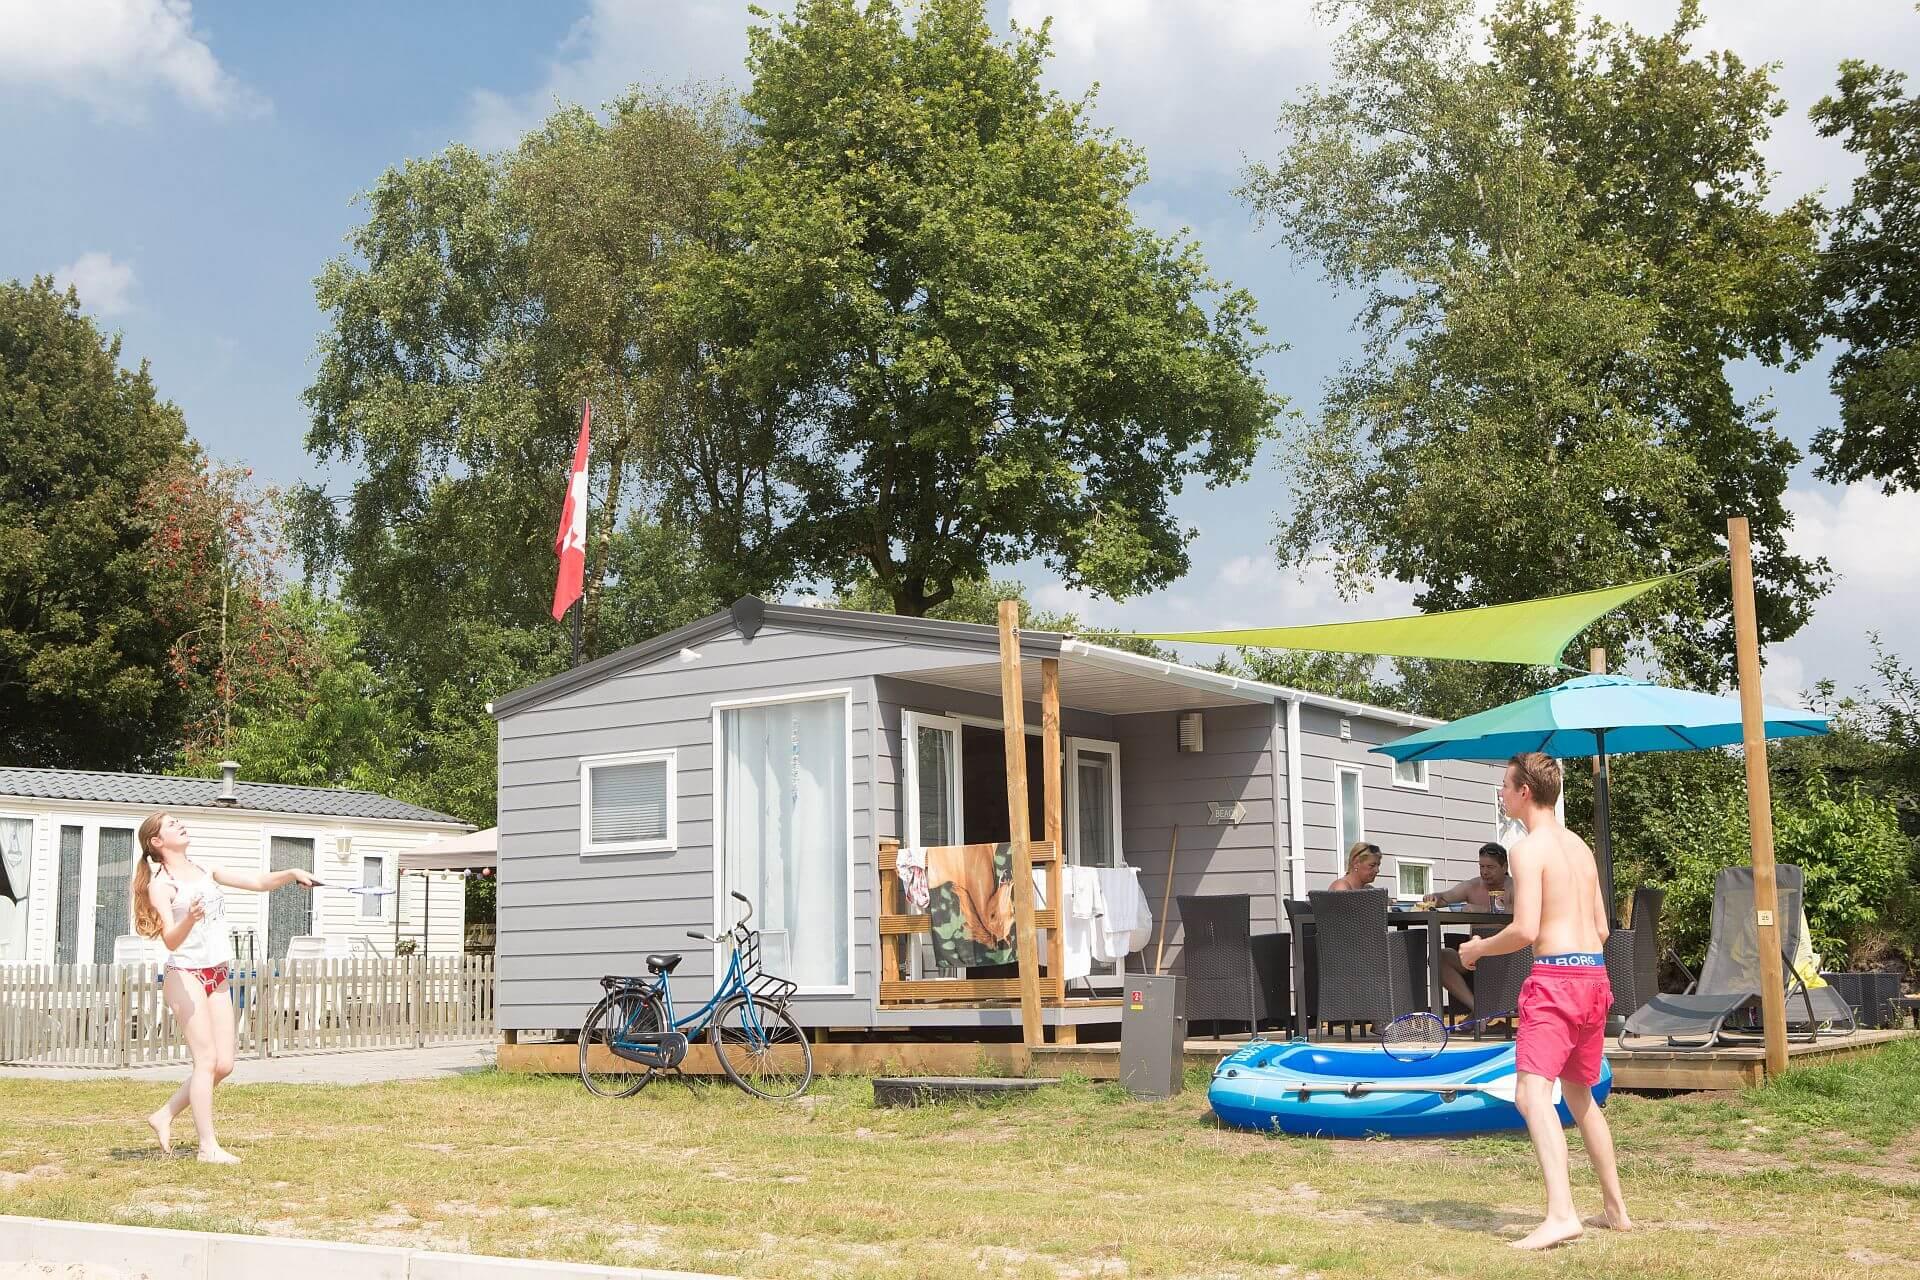 Mobilheim am Strand -